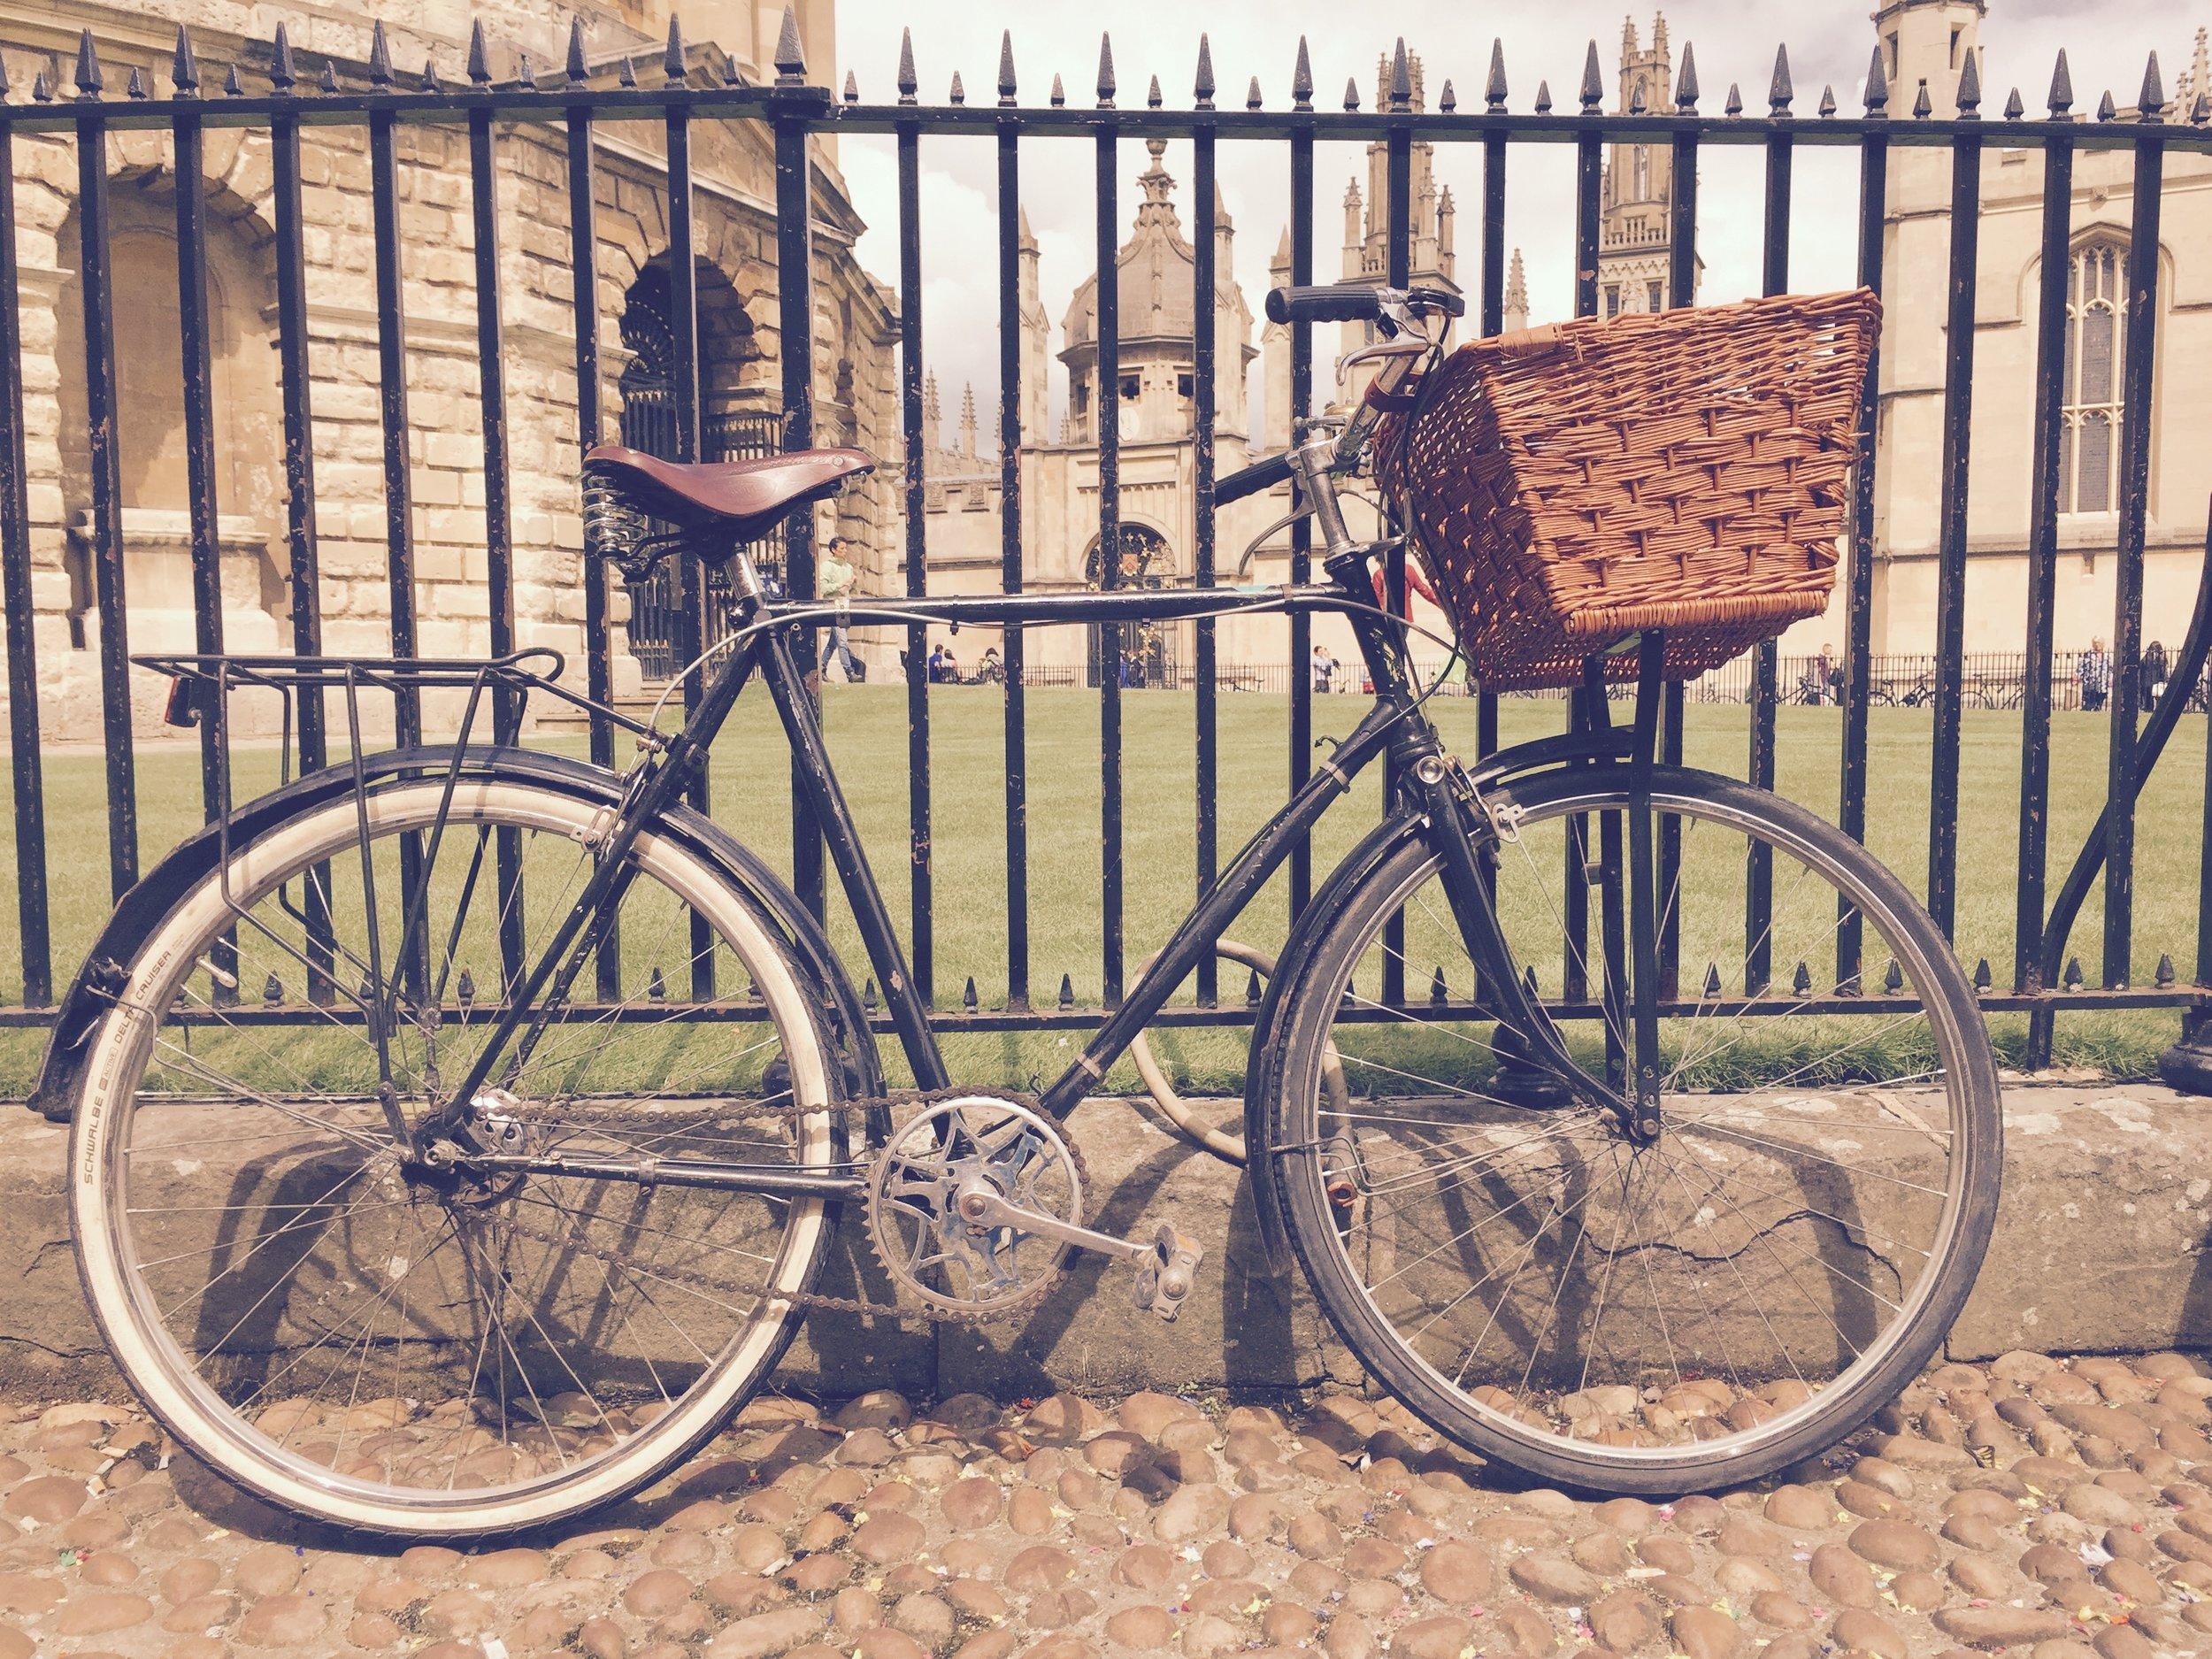 Oxford_Bike copy.jpg